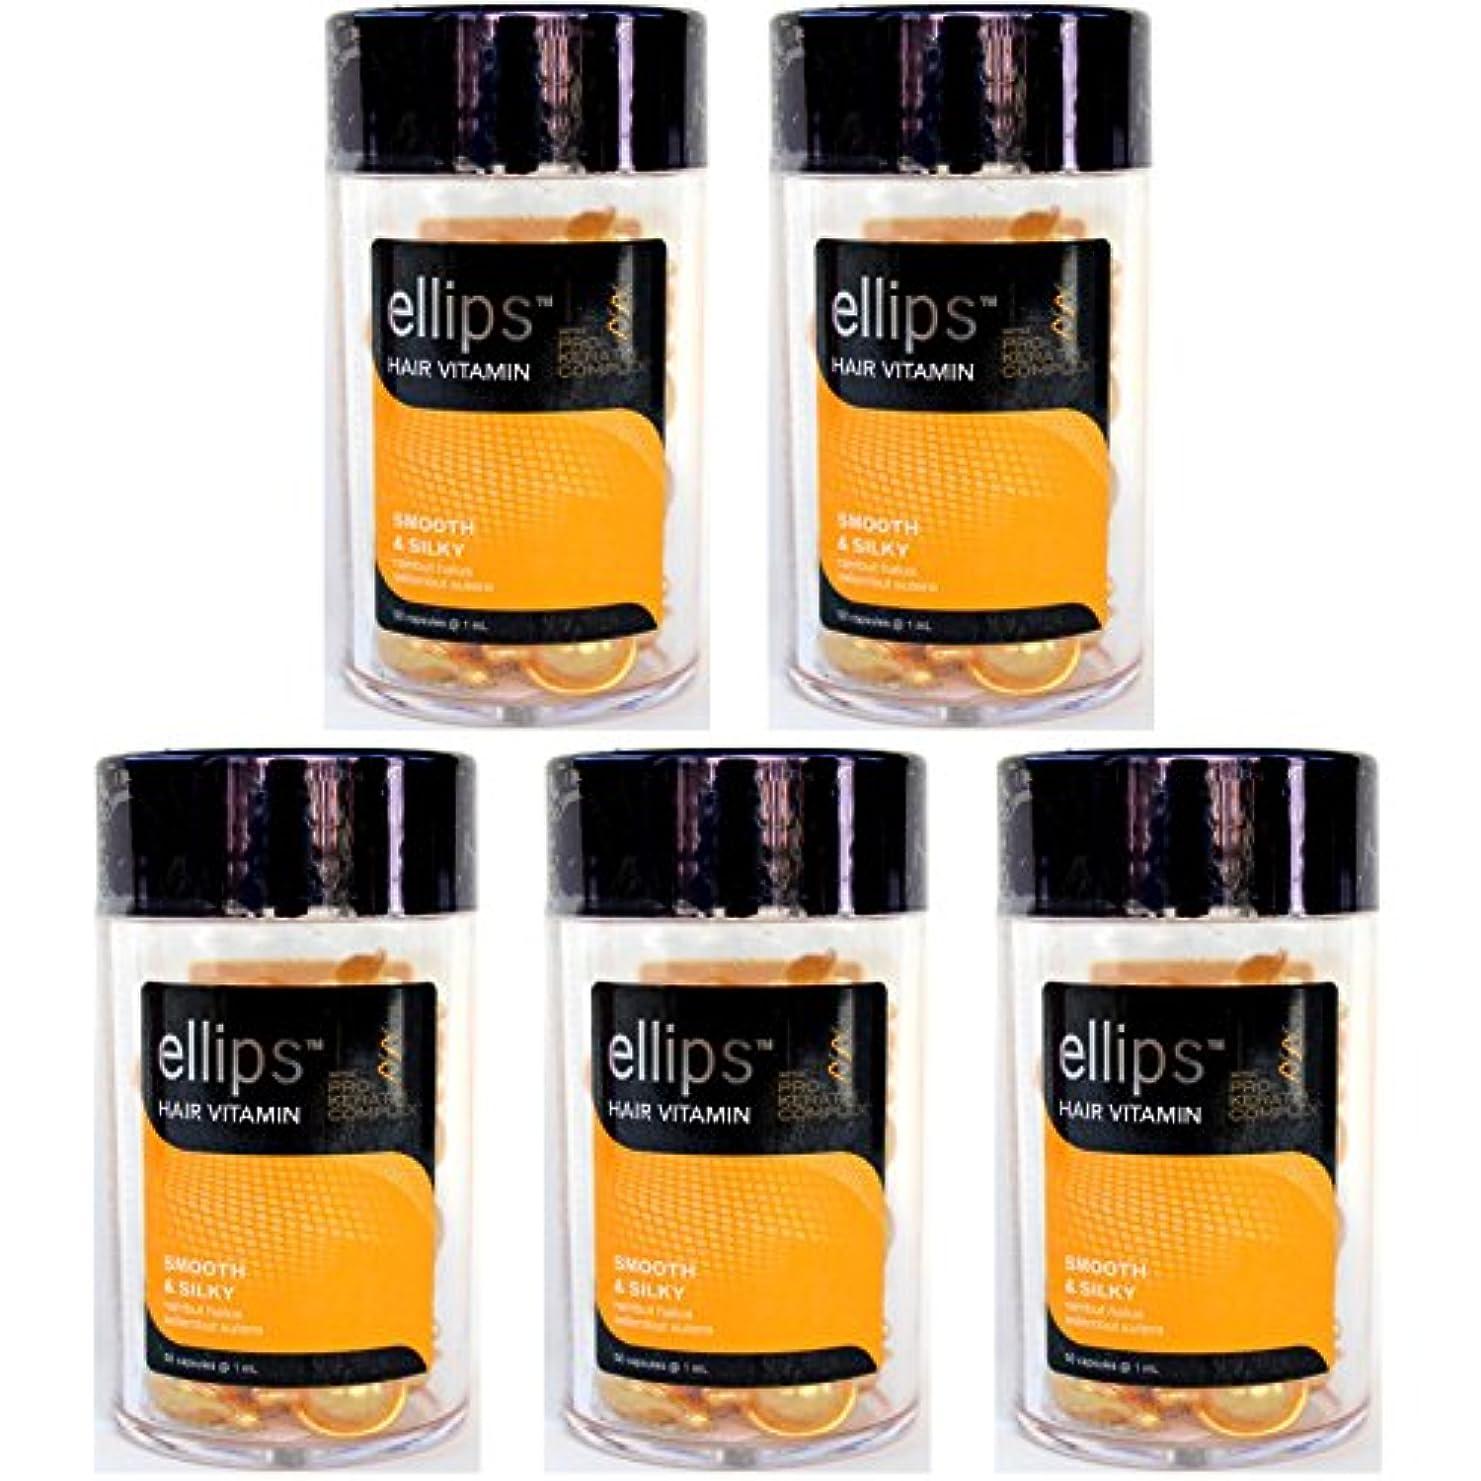 恐怖症くしゃくしゃ概してellips エリプス Hair Vitamin ヘア ビタミン Pro-Keratin Complex プロケラチン配合 SMOOTH & SILKY イエロー ボトル(50粒入) × 5本 セット [並行輸入品][海外直送品]